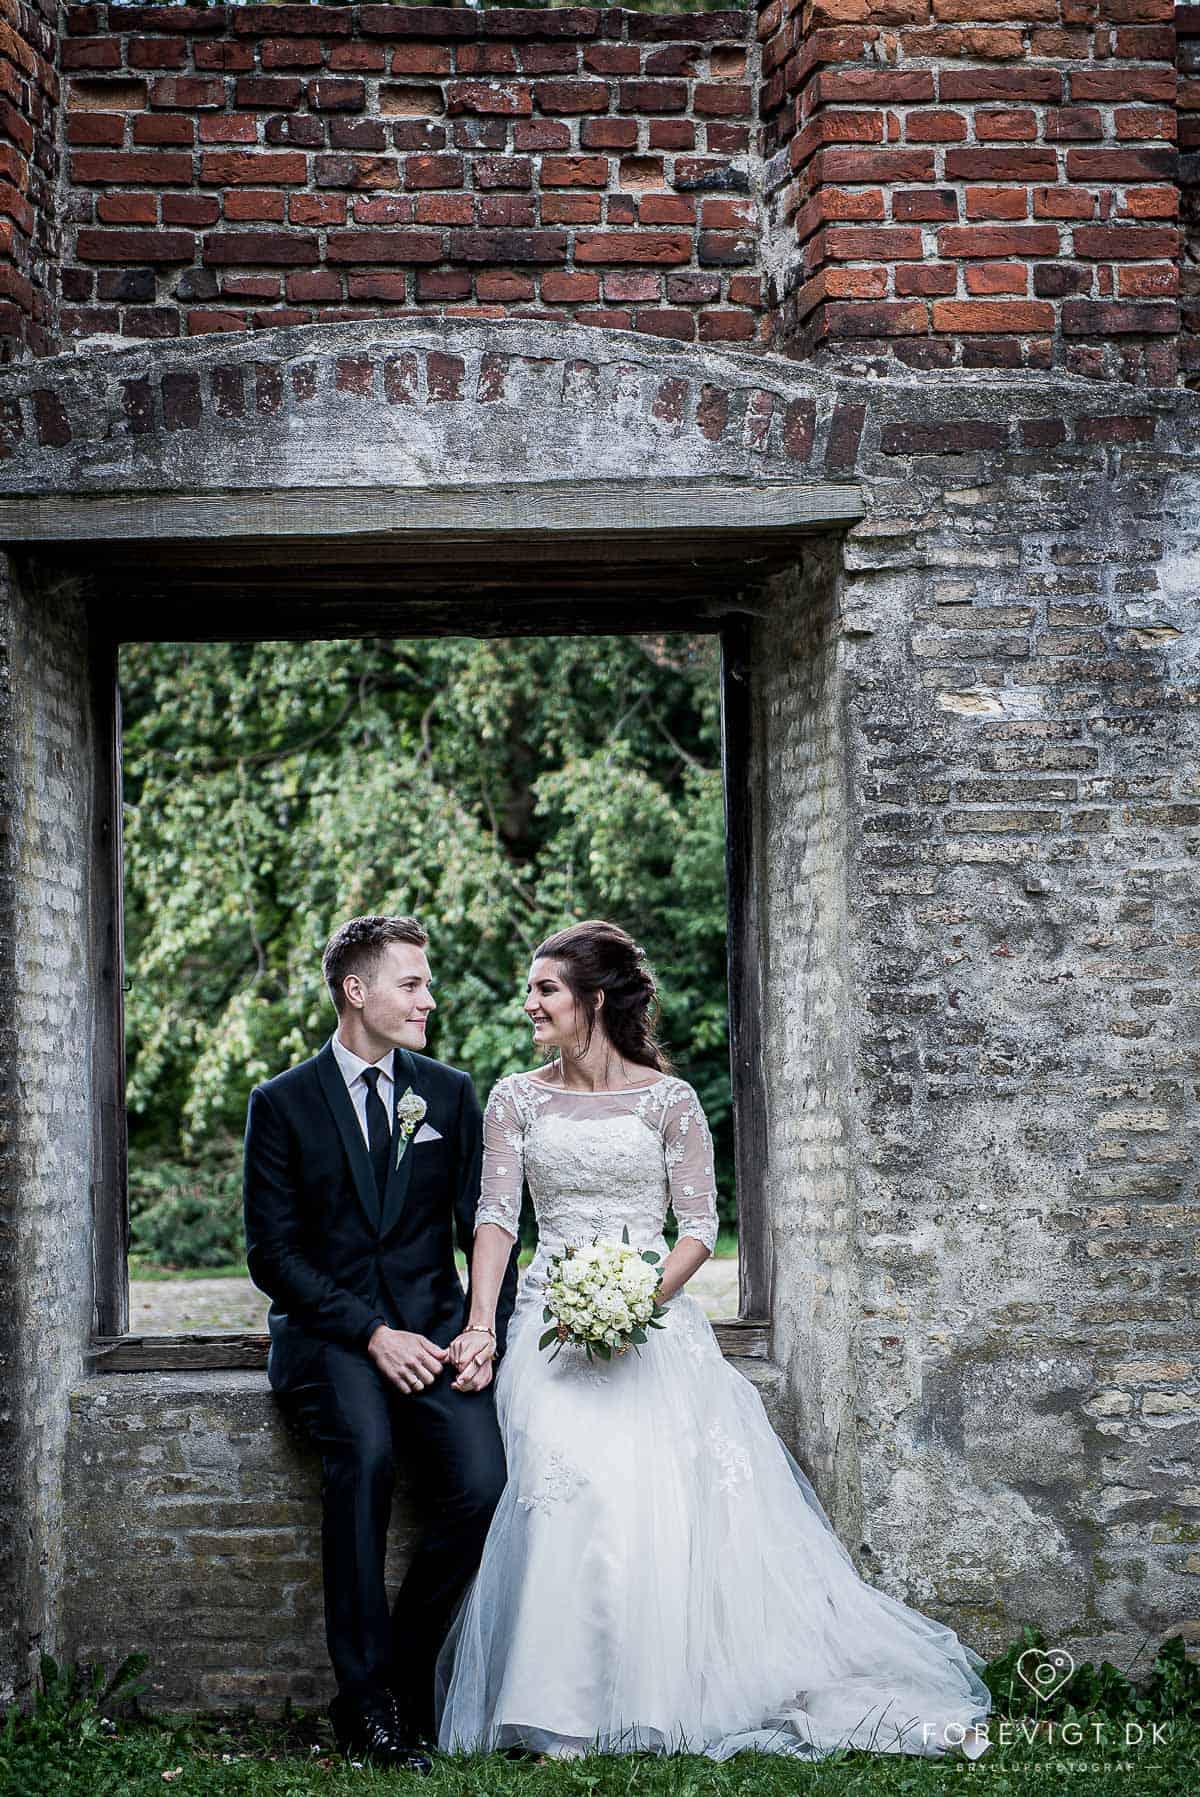 Bryllupsfotograf der skaber kreative, stilfulde og personlige billeder. Fotograf til jeres bryllup